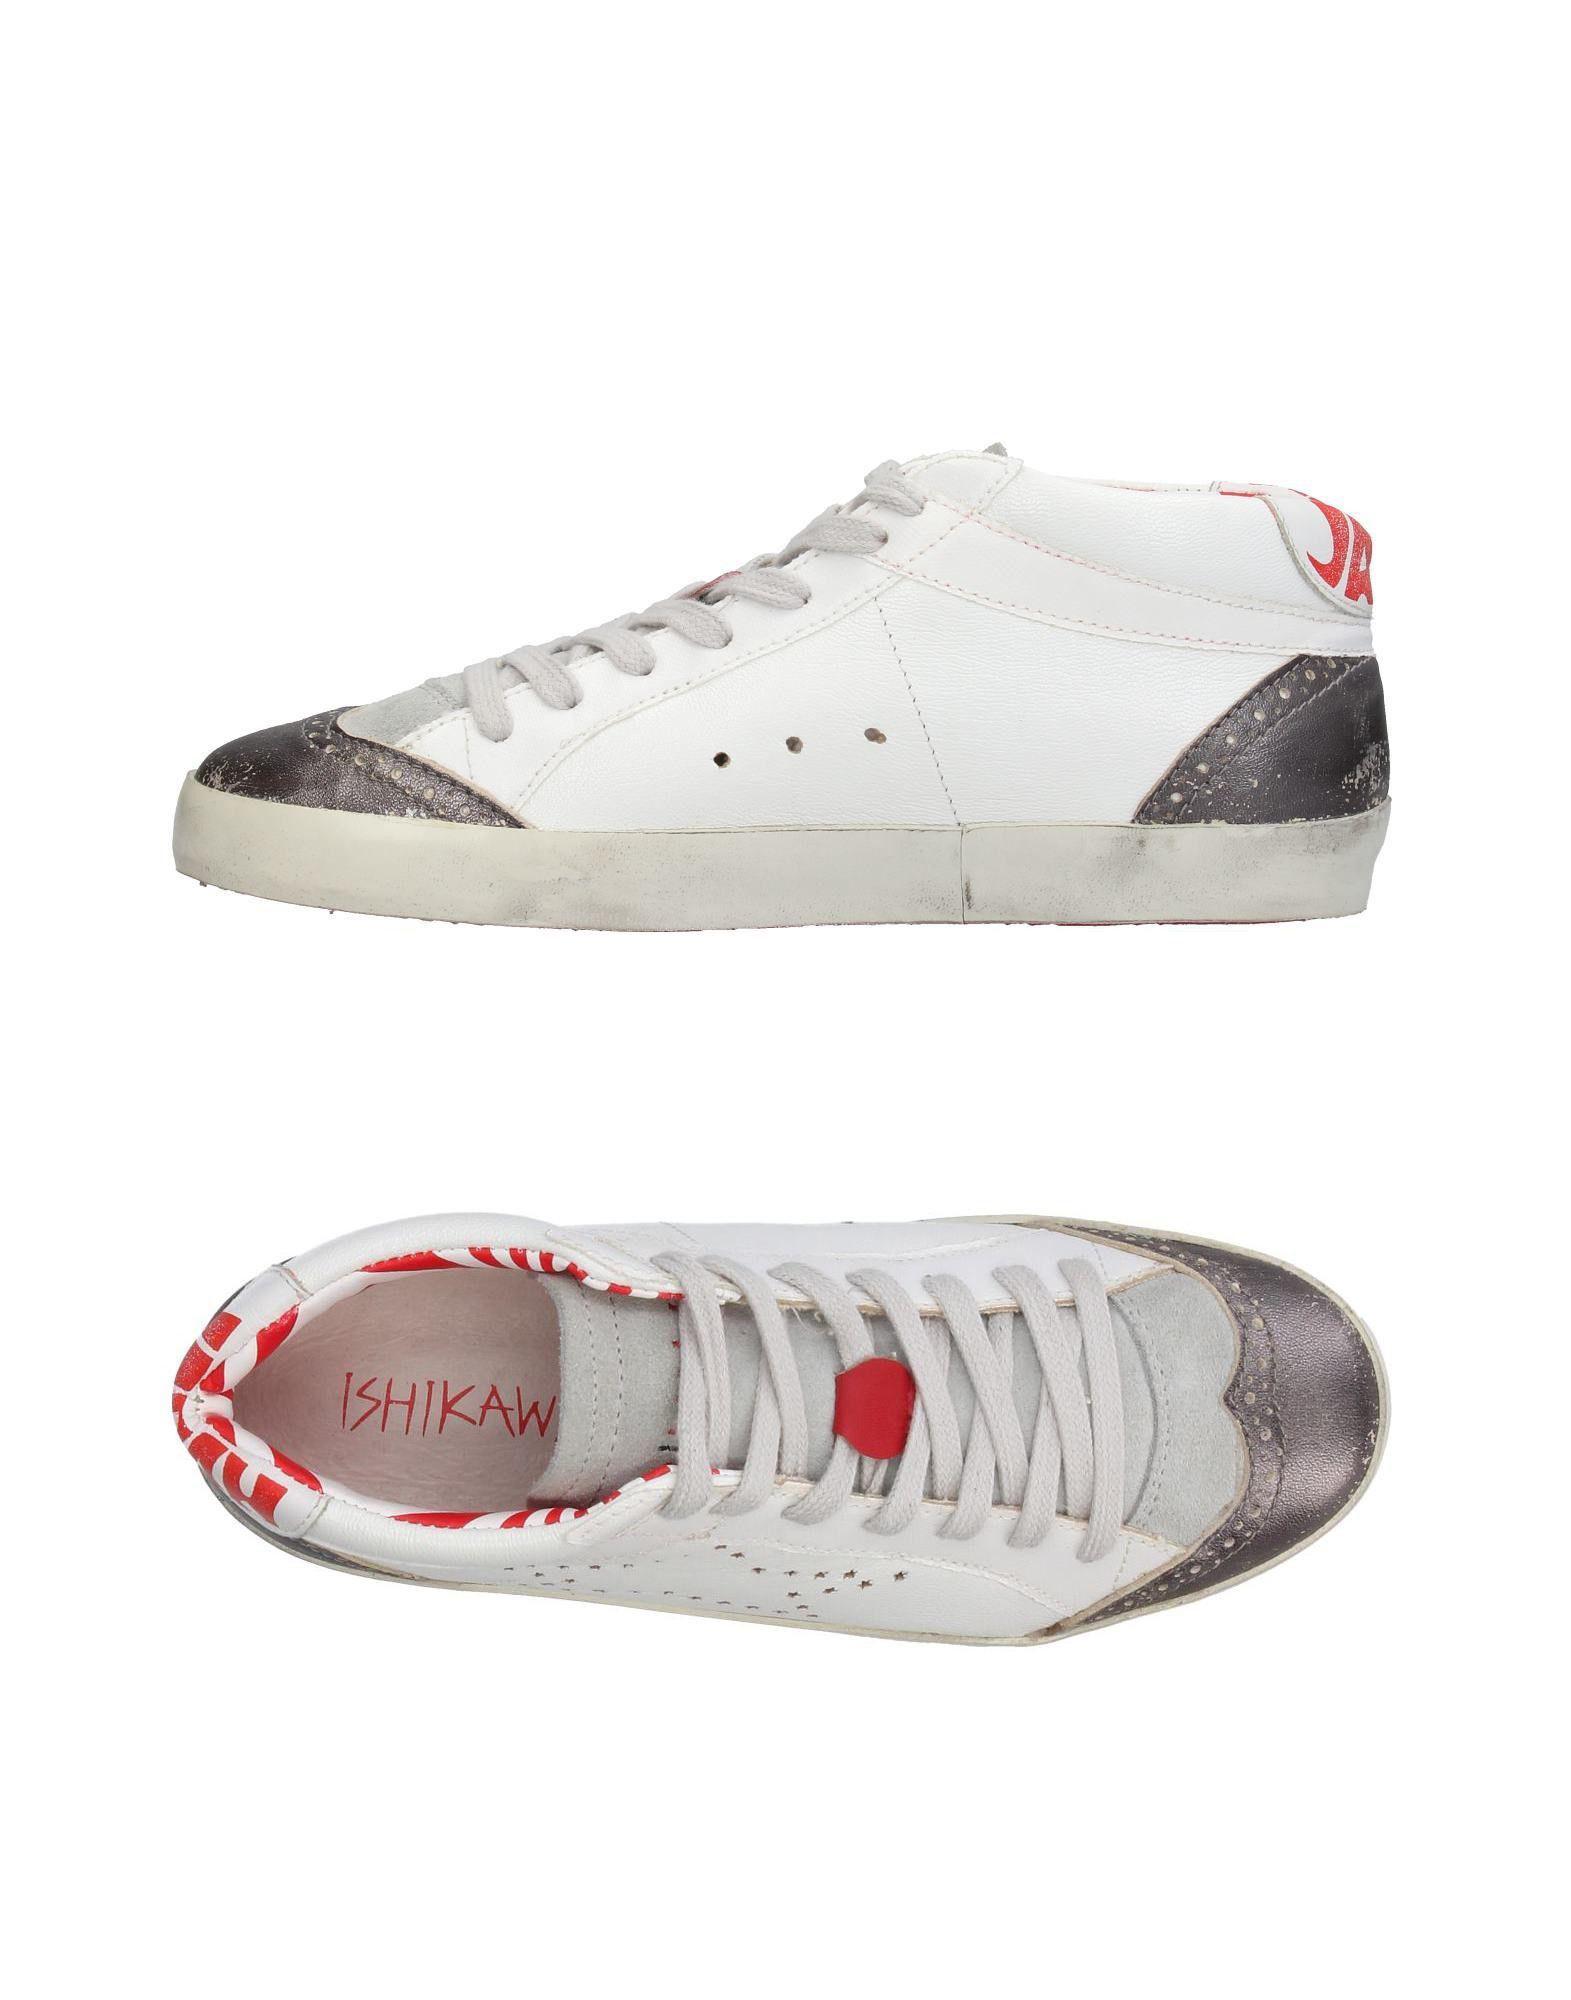 FOOTWEAR - Low-tops & sneakers Ishikawa 2lYQ1